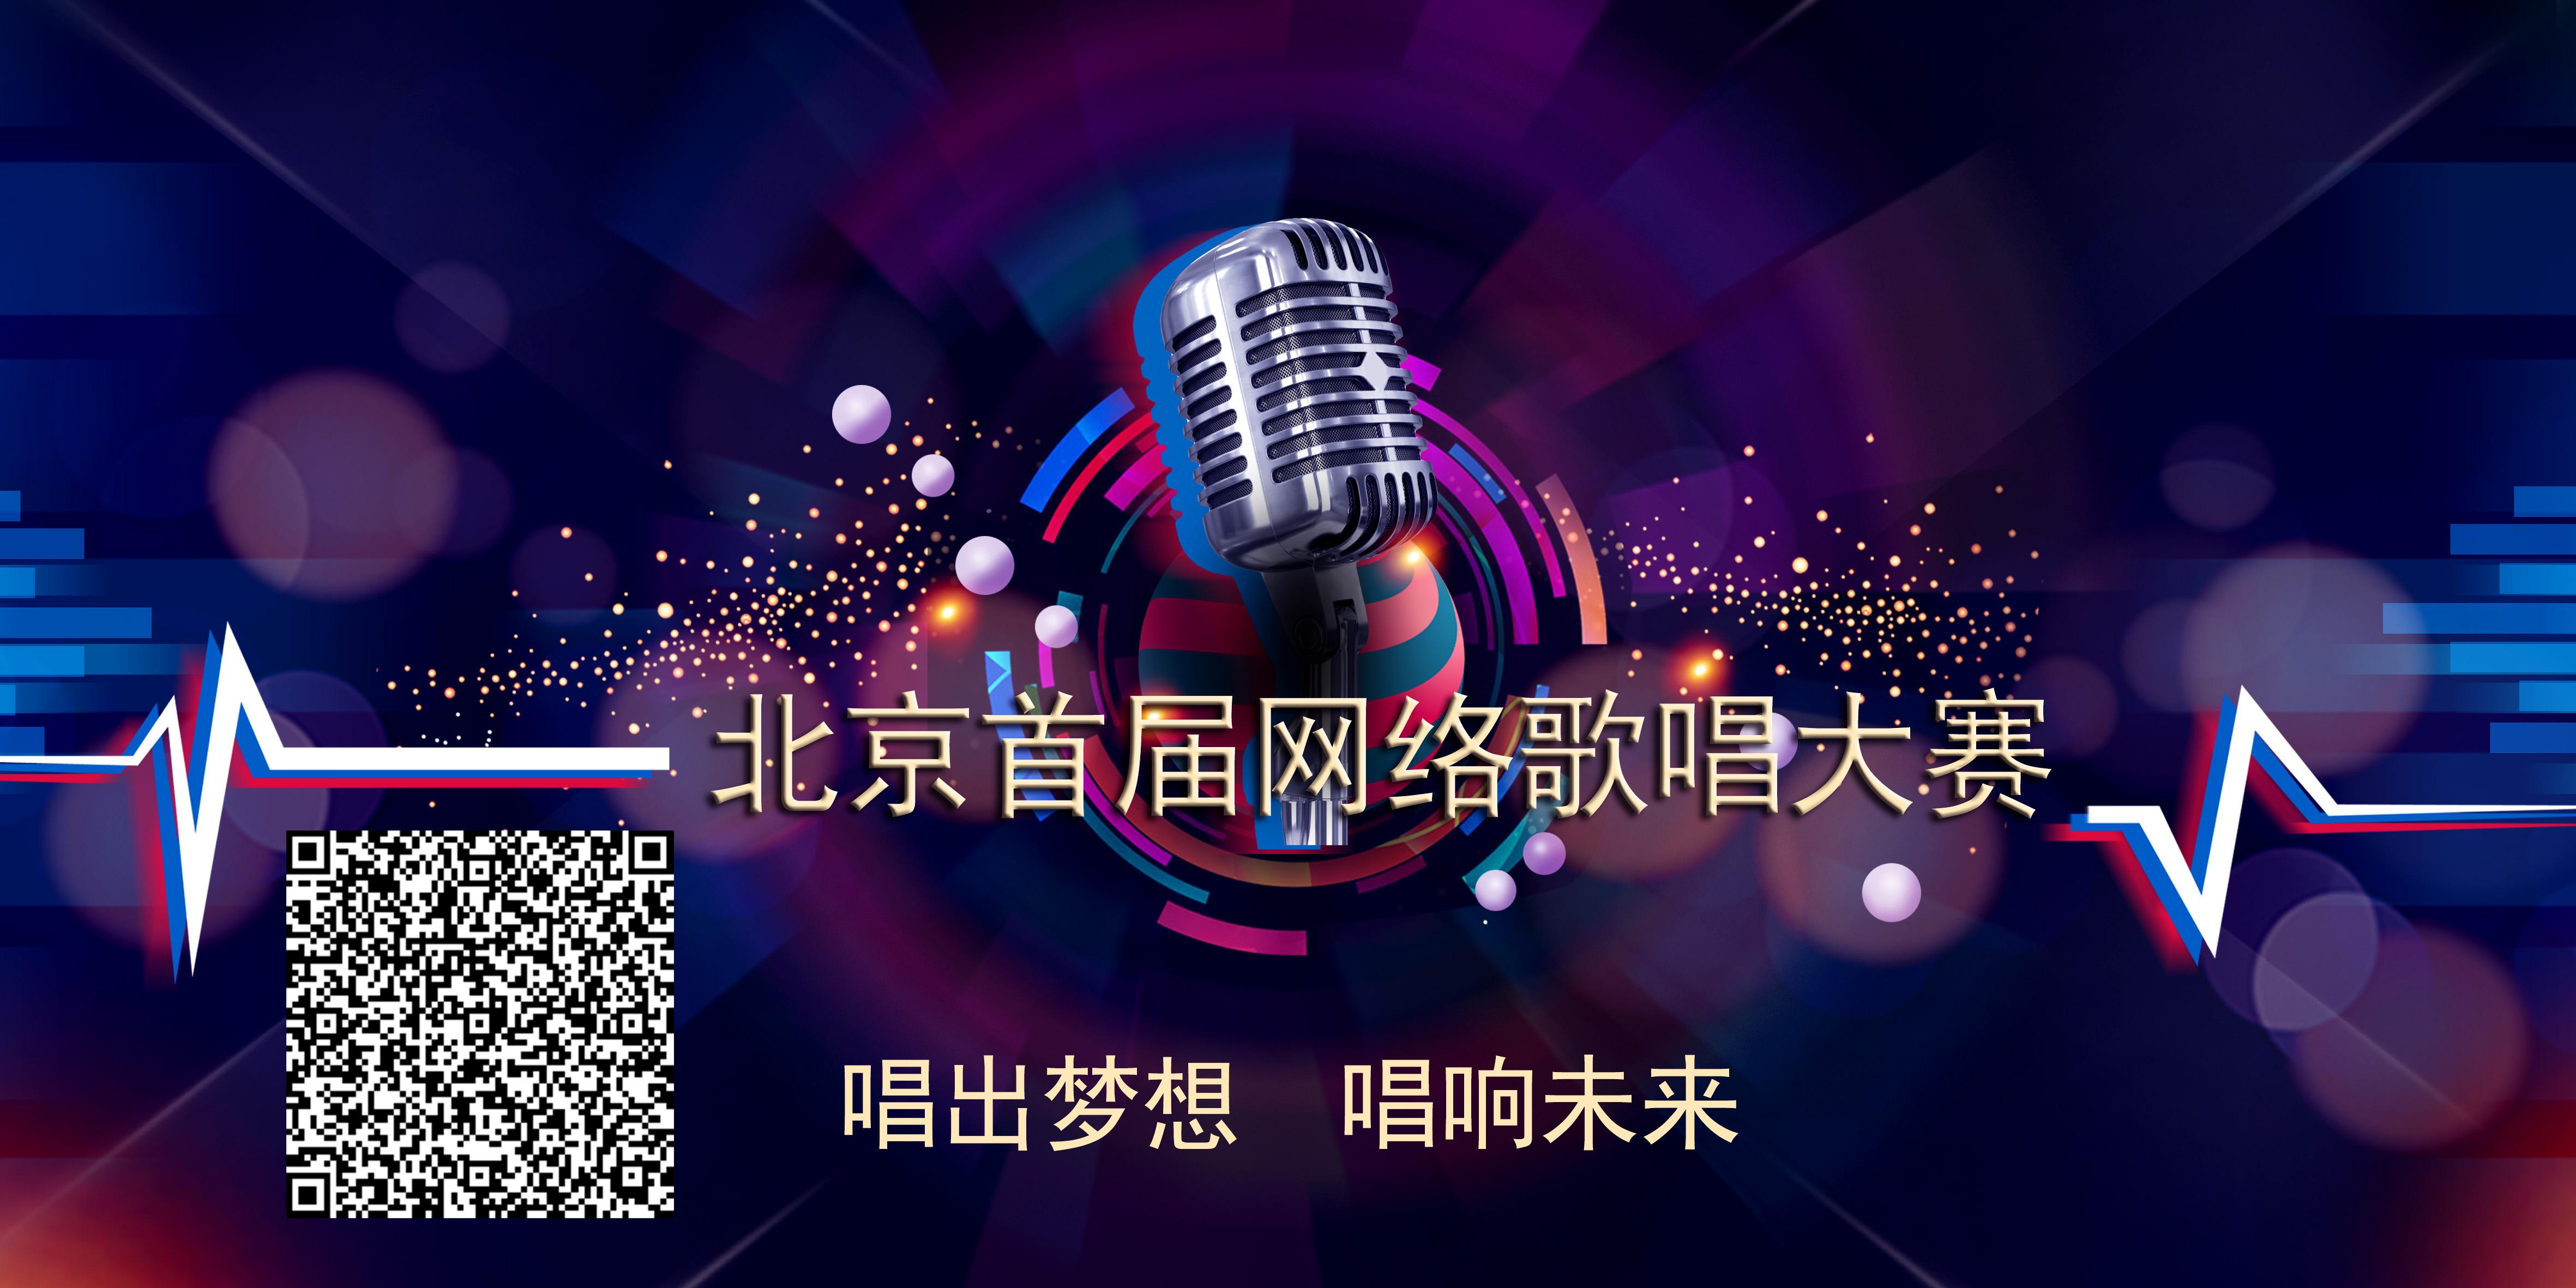 2019北京首届网络歌唱大赛